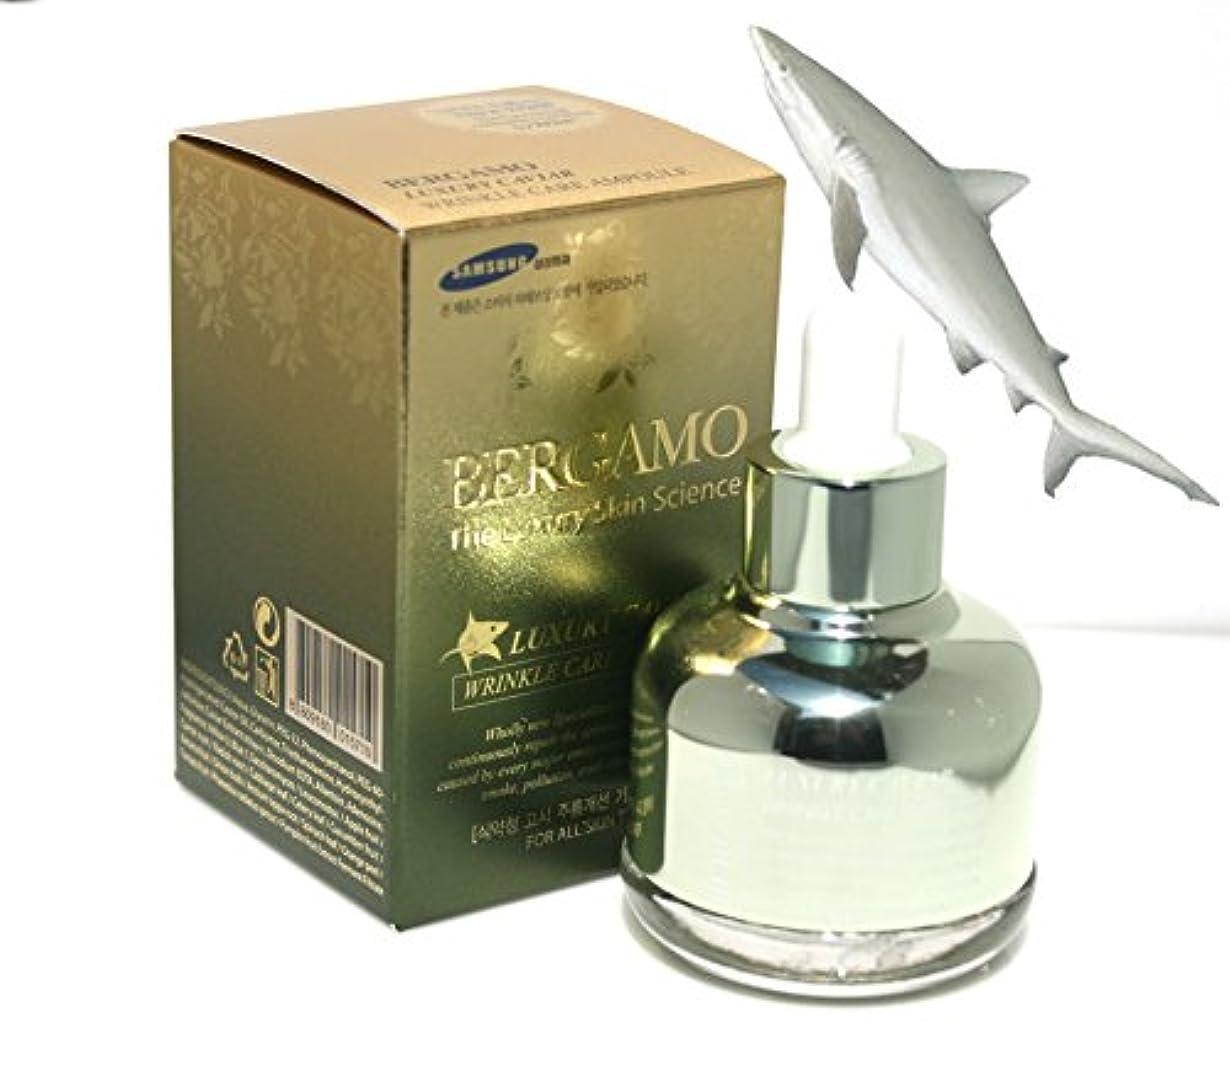 スロット写真を撮る名声【ベルガモ][Bergamo] 皮膚科学高級キャビアリンクルケアアンプル30ml / The Skin Science Luxury Caviar Wrinkle Care Ampoule 30ml / 韓国化粧品 /...